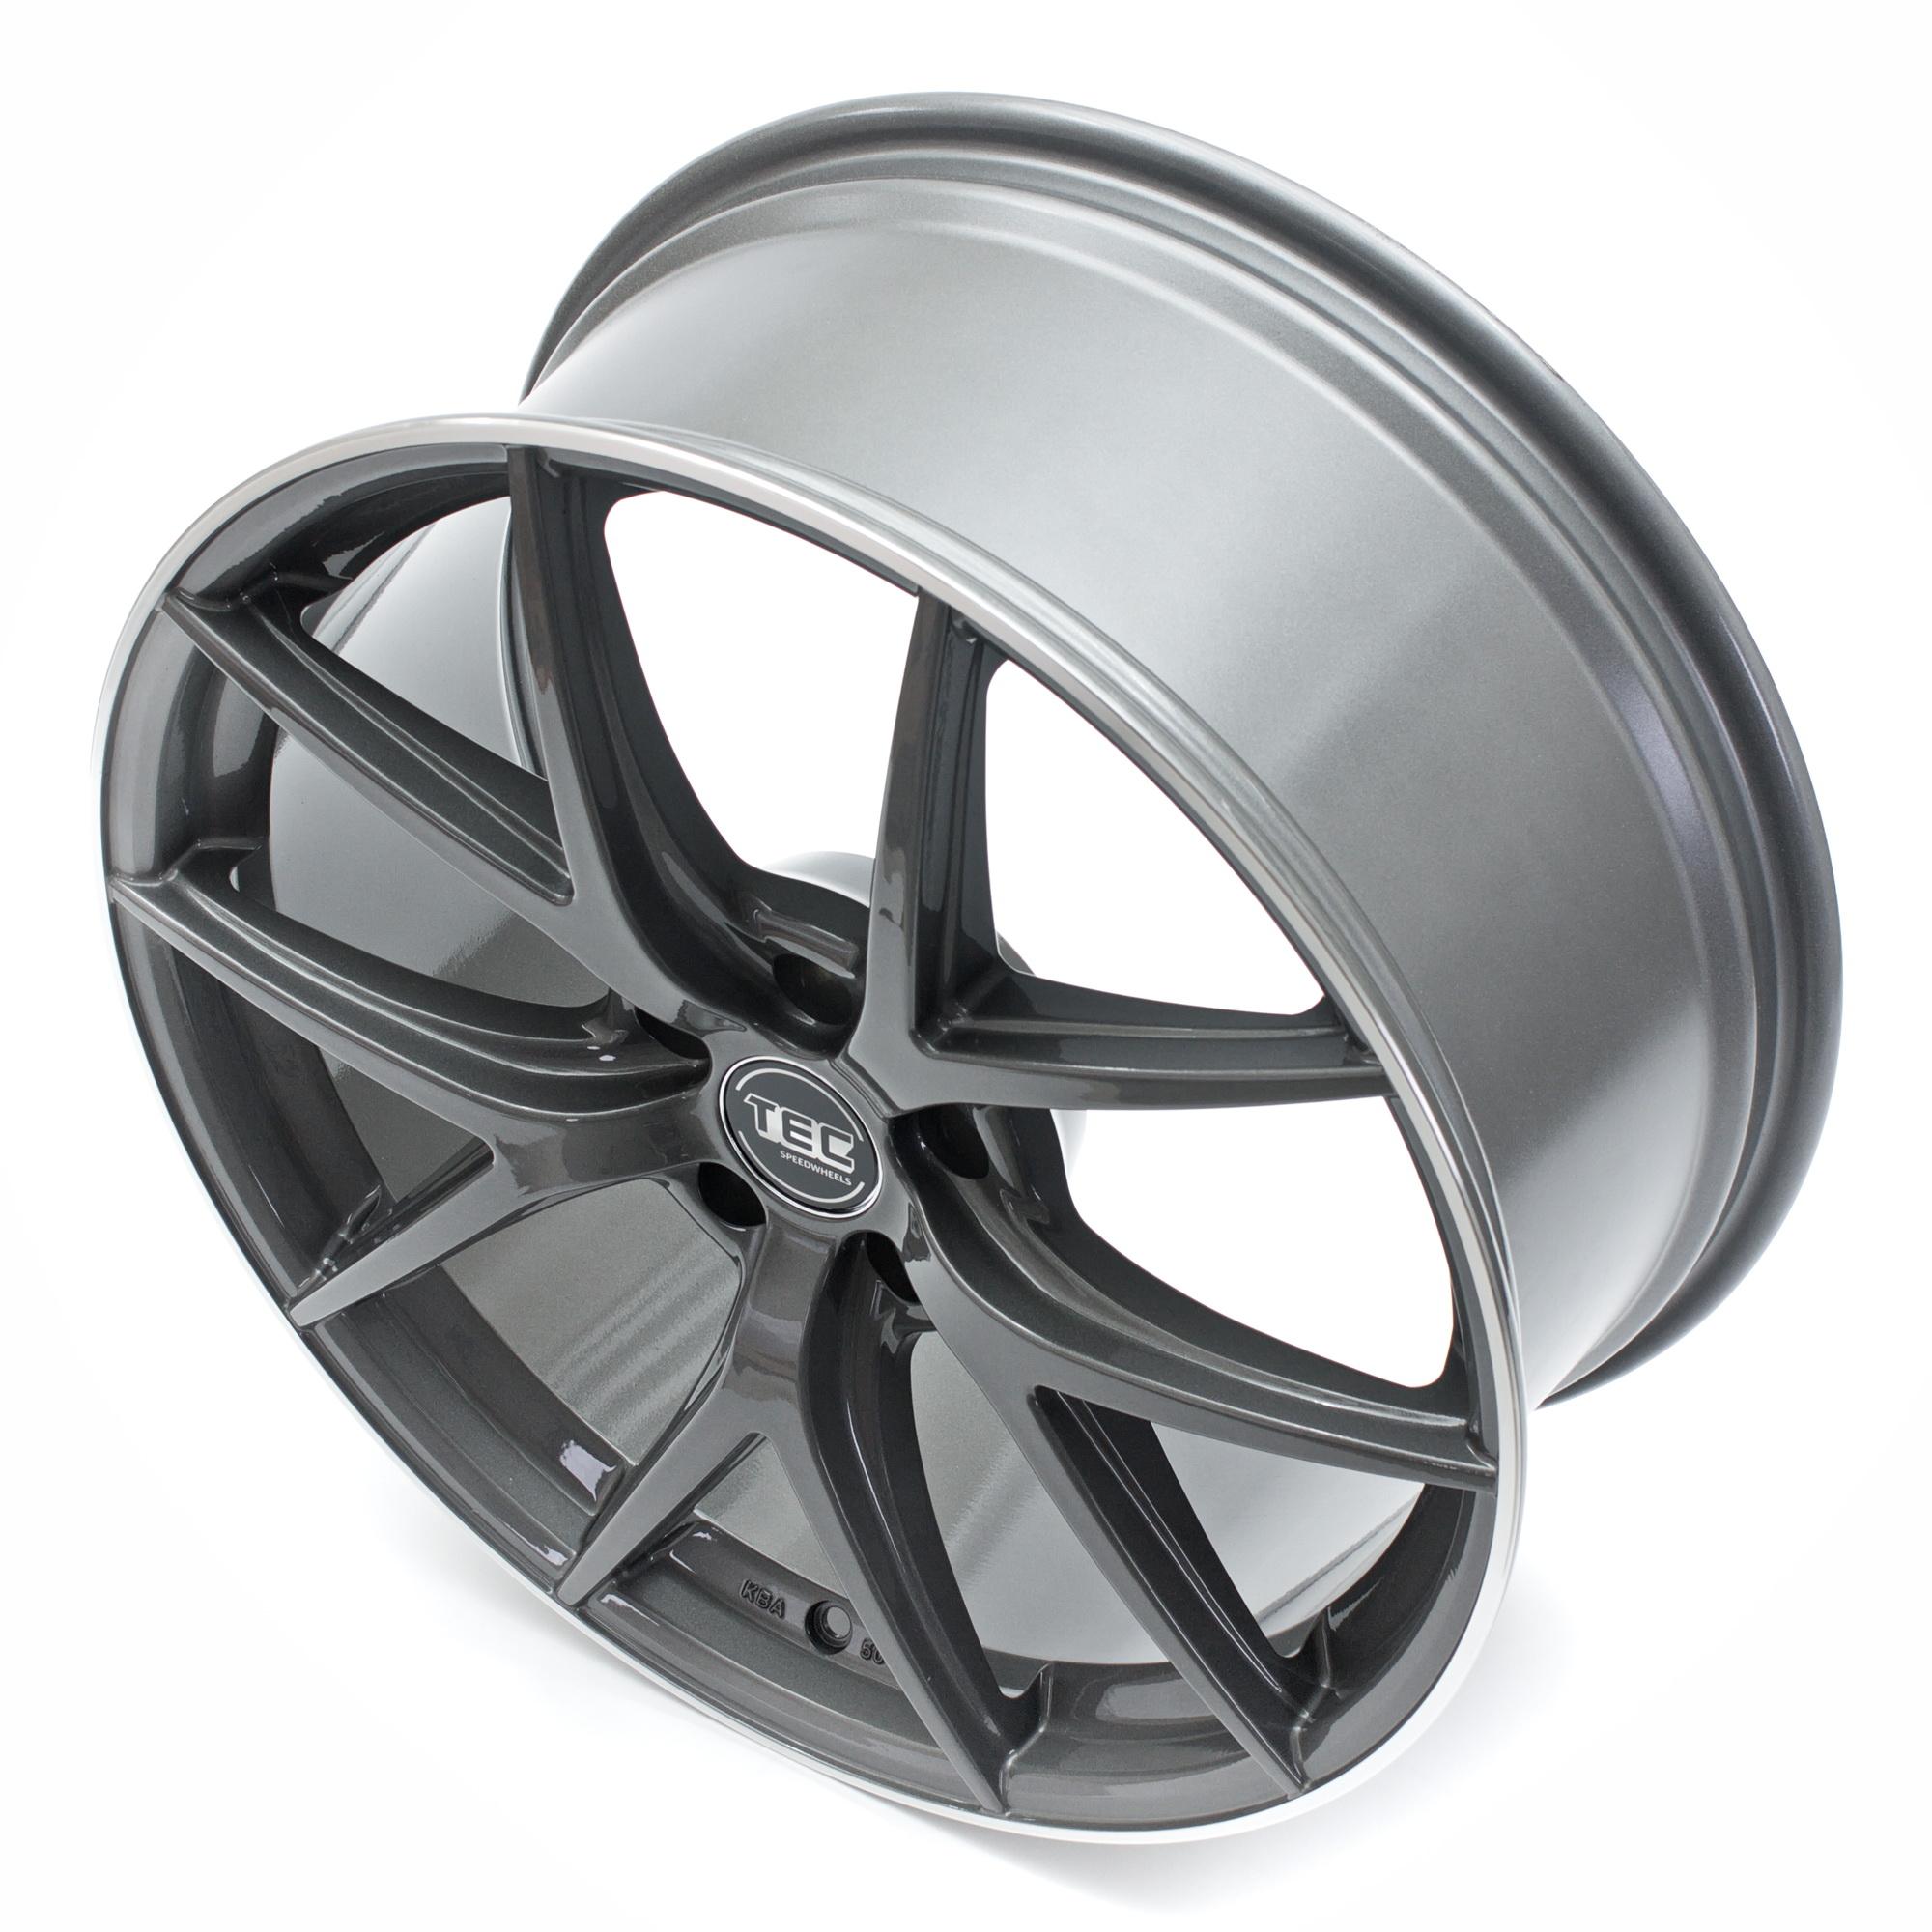 tec speedwheels gt6 ultralight felge